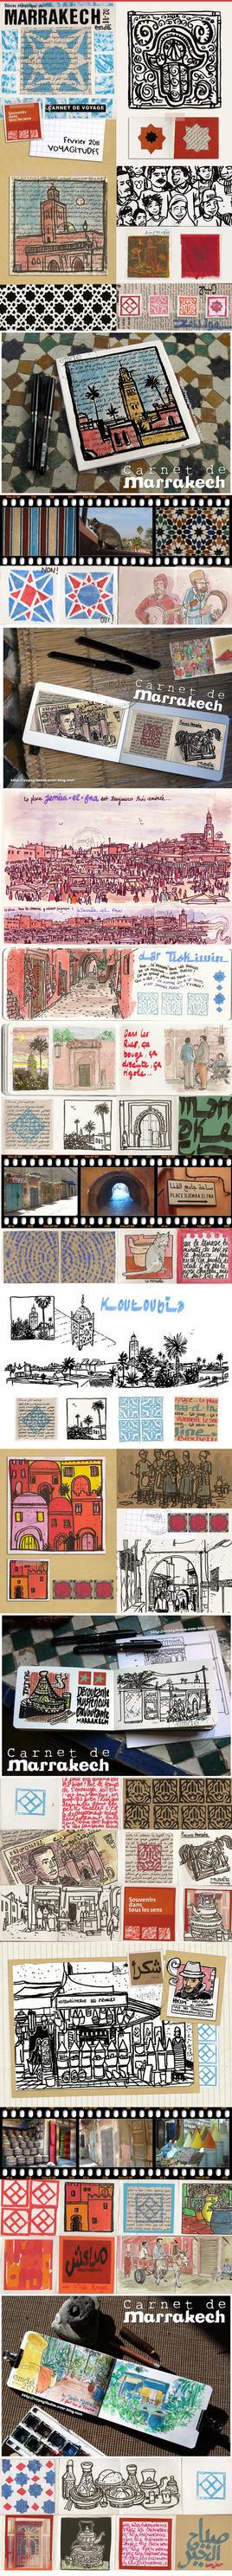 Marrakech Mosaique by gribouille